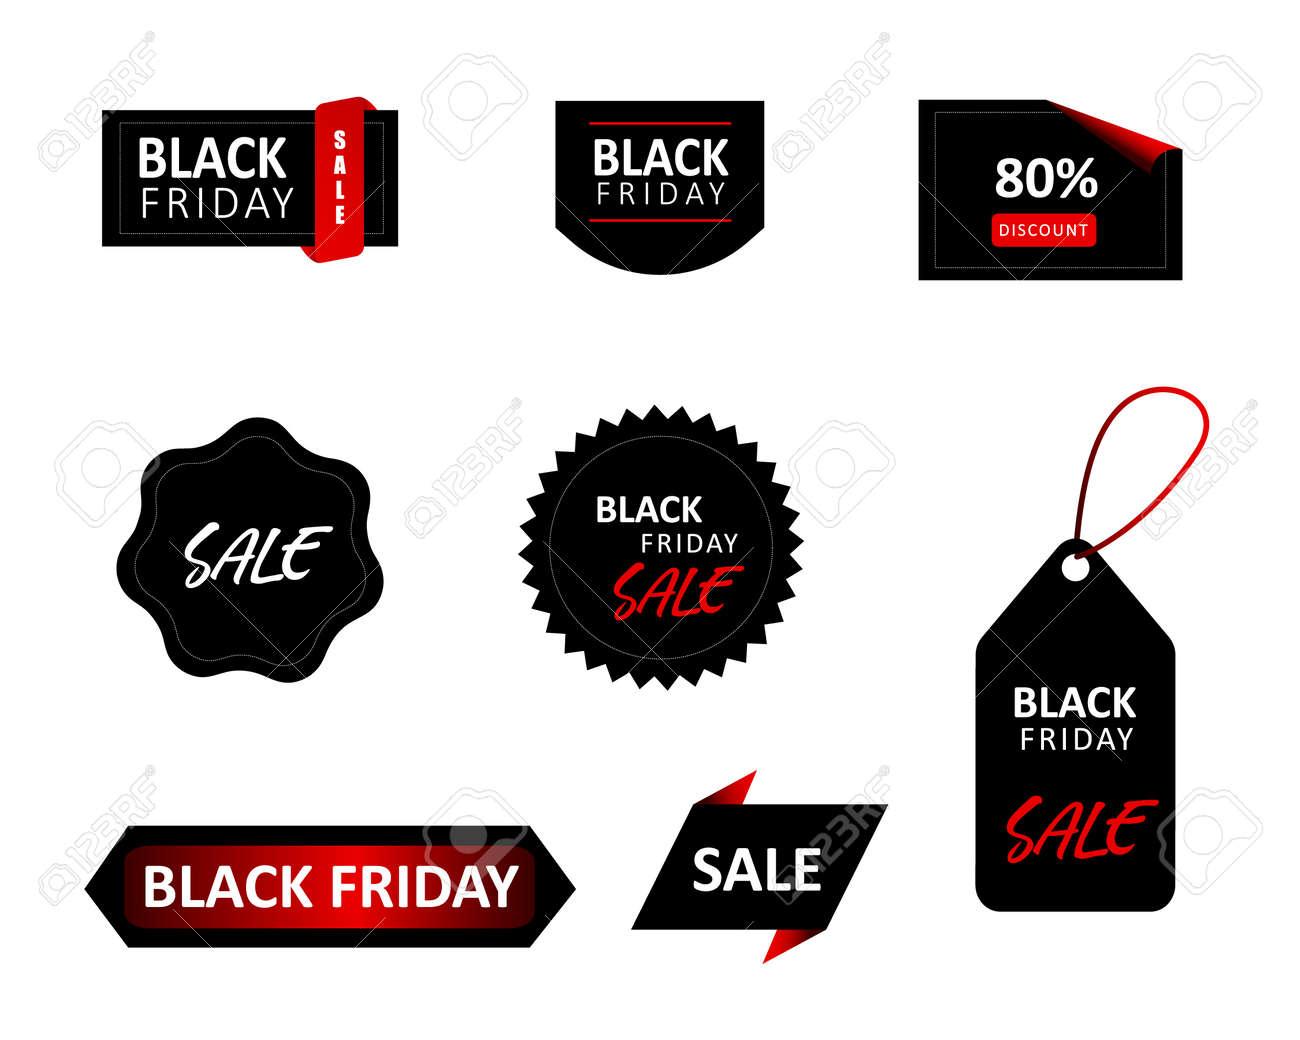 Black Friday sale tag set. Vector Illustration. - 155994591